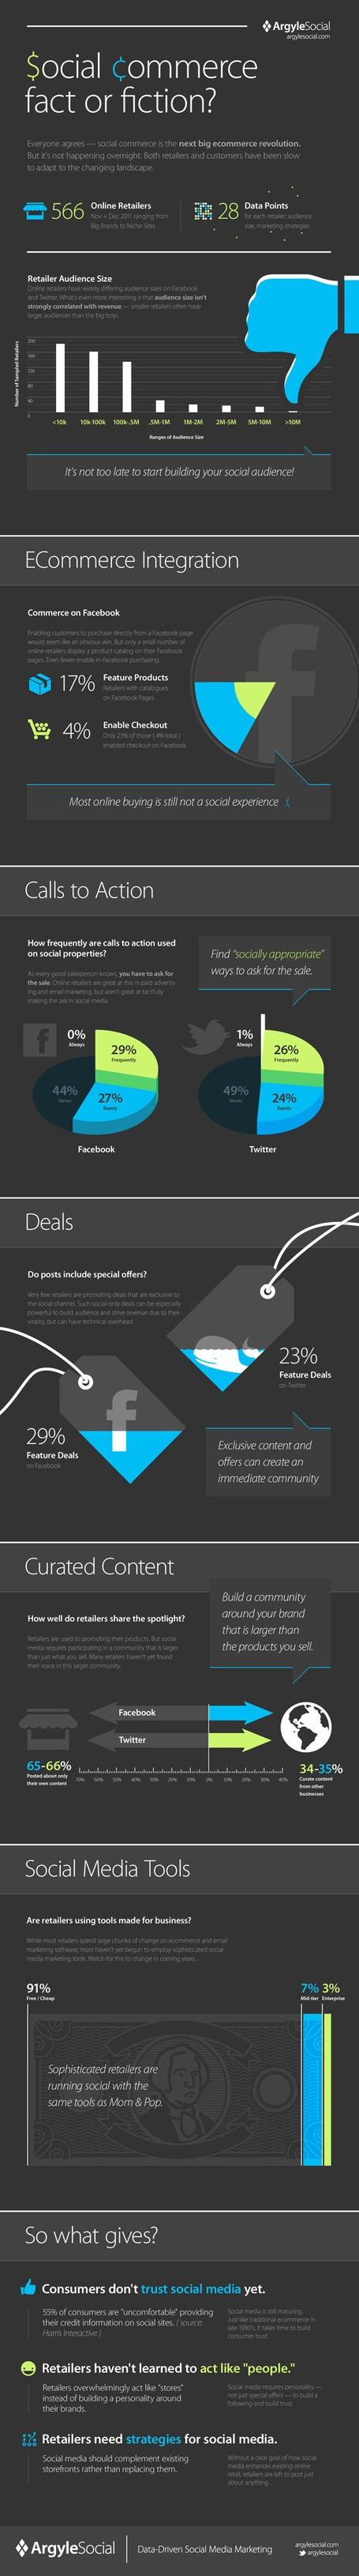 Humm!!: Social Network, Social Commerce, Marketing Strategies, Social Media Marketing, Website, E-Commerce, Ecommerce, Content Marketing, Socialmedia